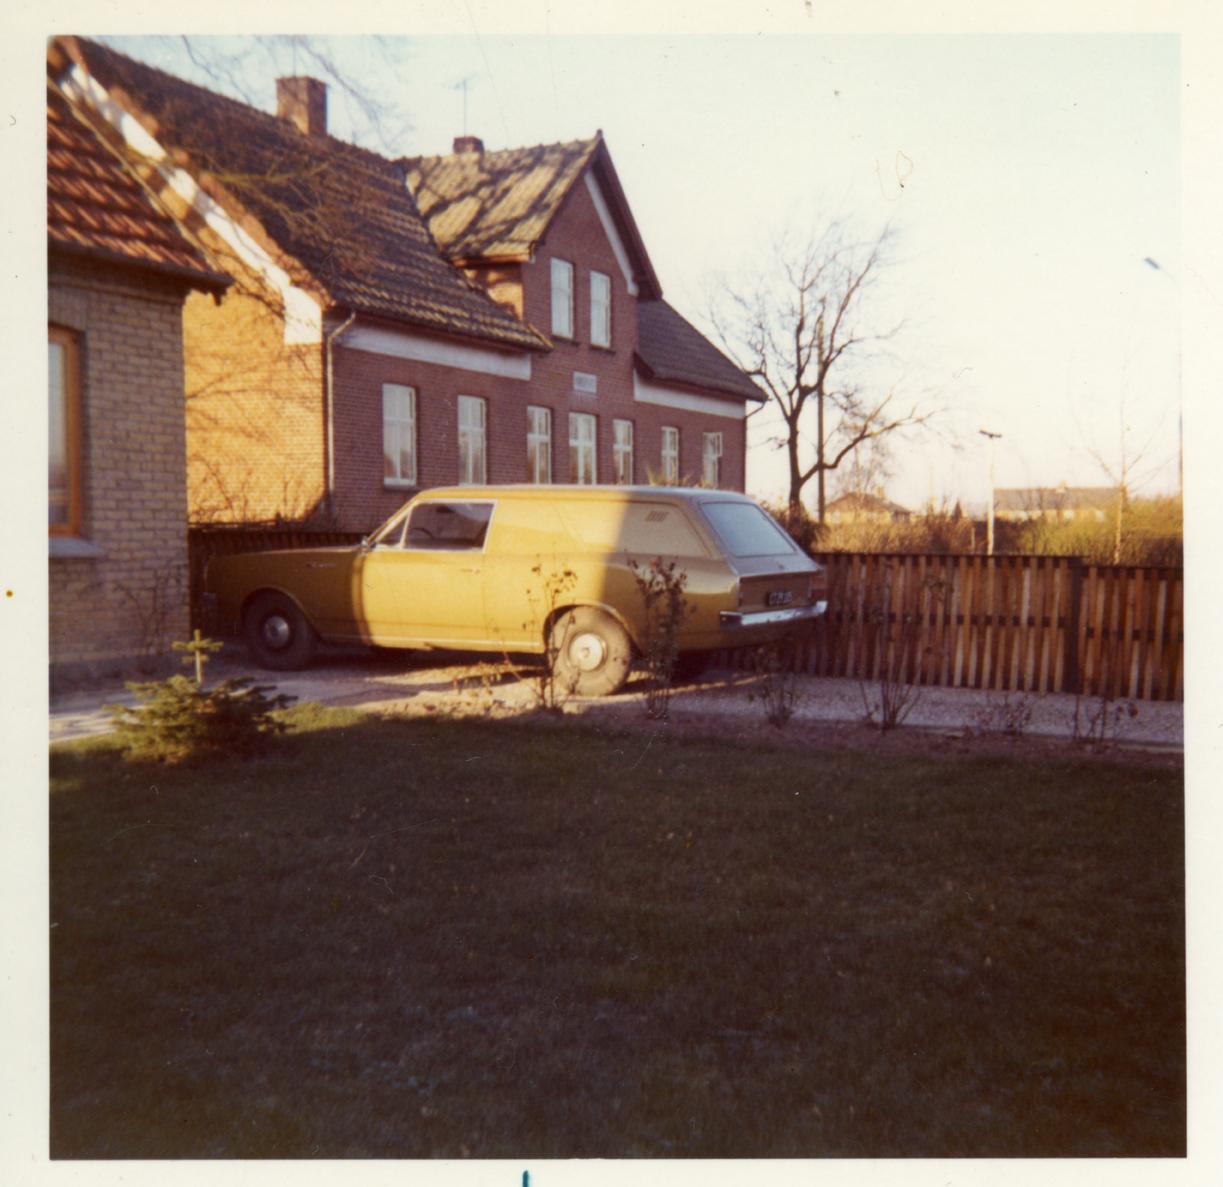 Billede 18 Østrupvej 112 Højgården fot. ca. 1971 ex. Lone Larsen